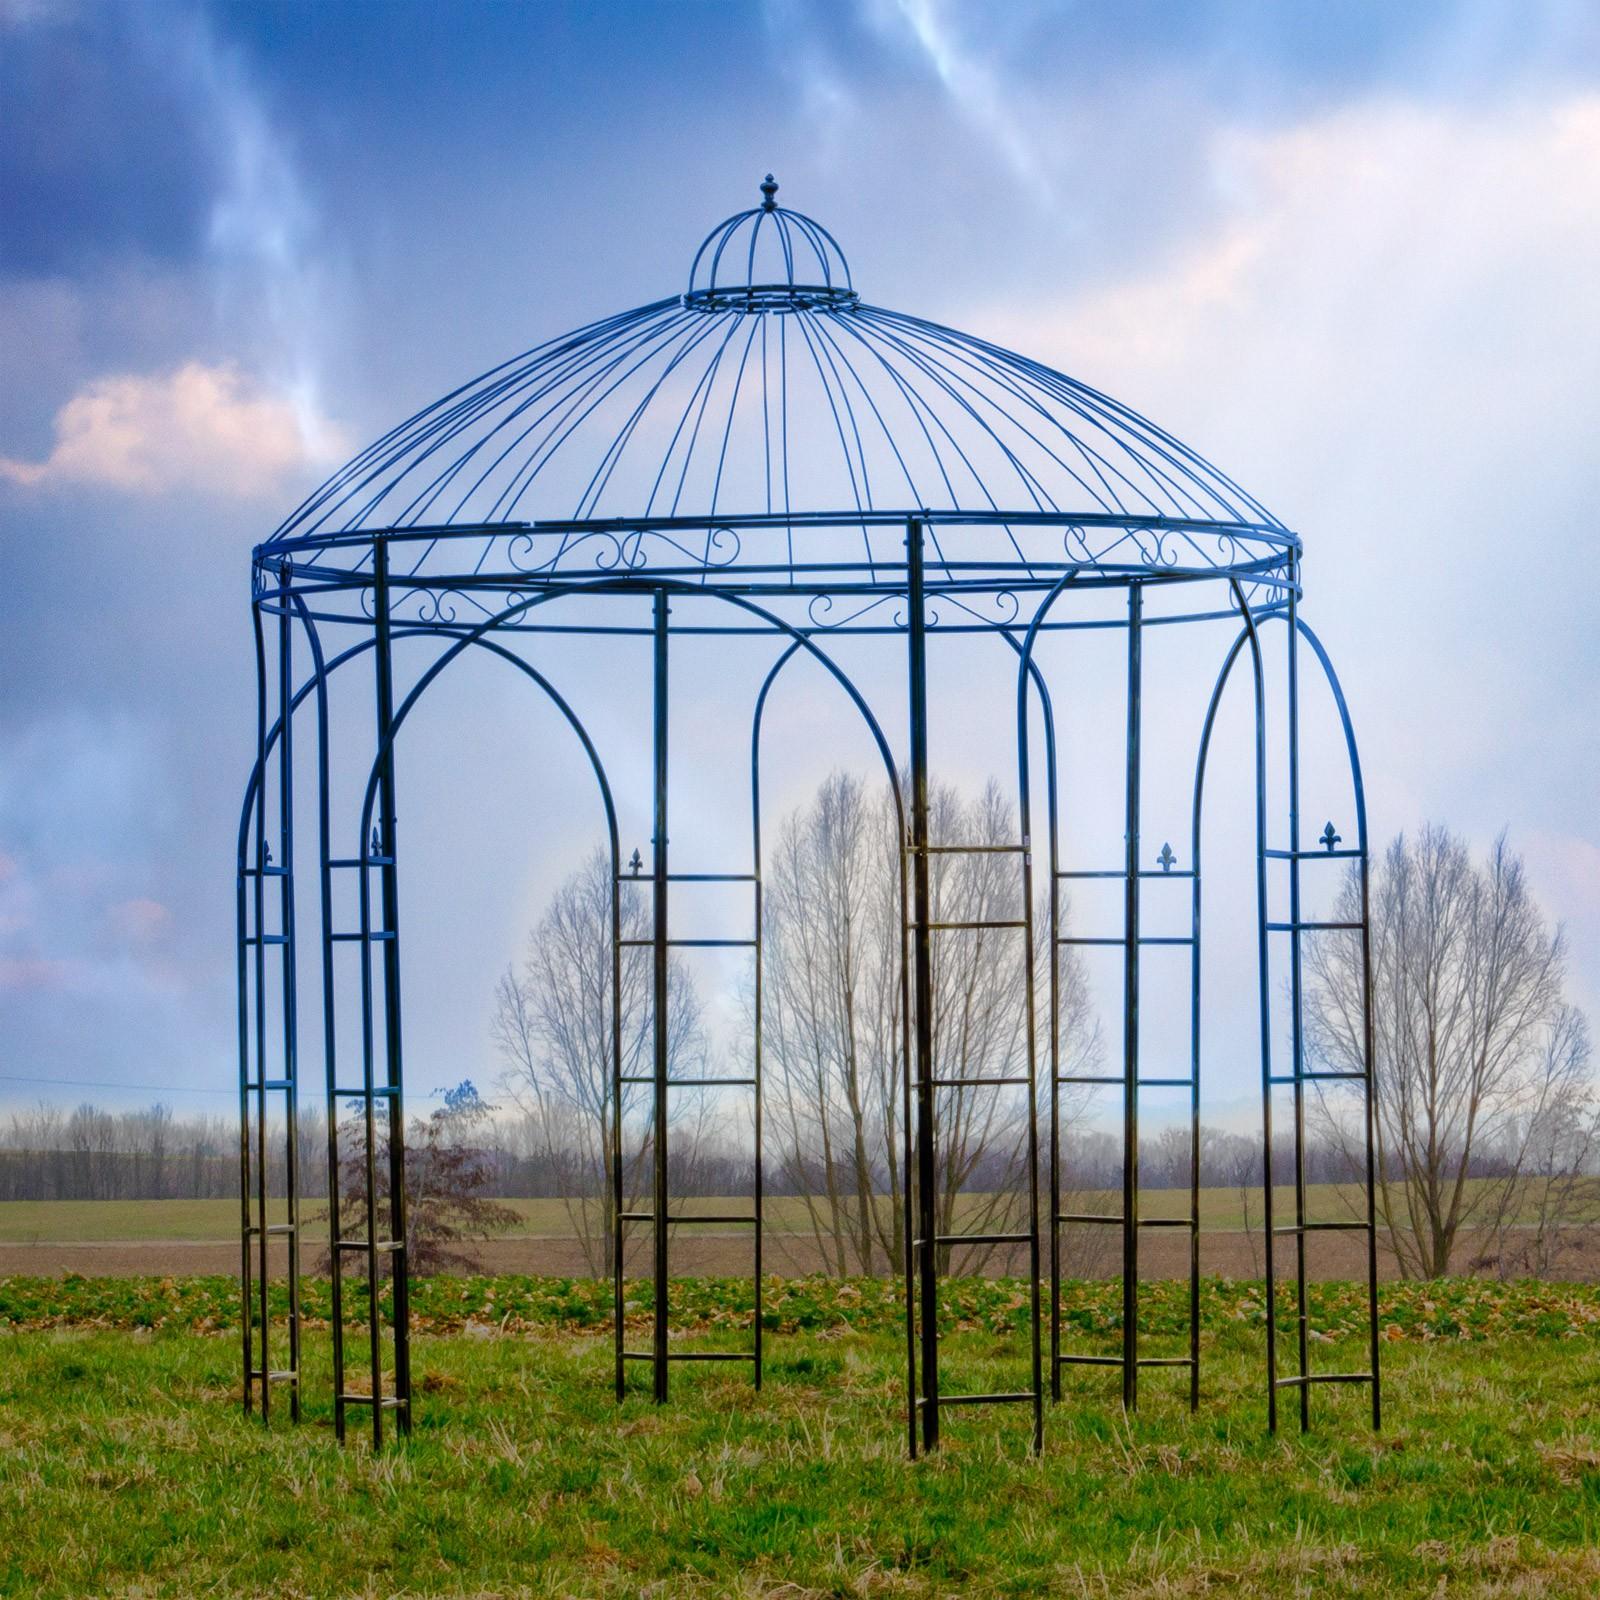 Full Size of Gartenpavillon Metall Garten Pavillon Exclusiv Deko Regale Regal Weiß Bett Wohnzimmer Gartenpavillon Metall